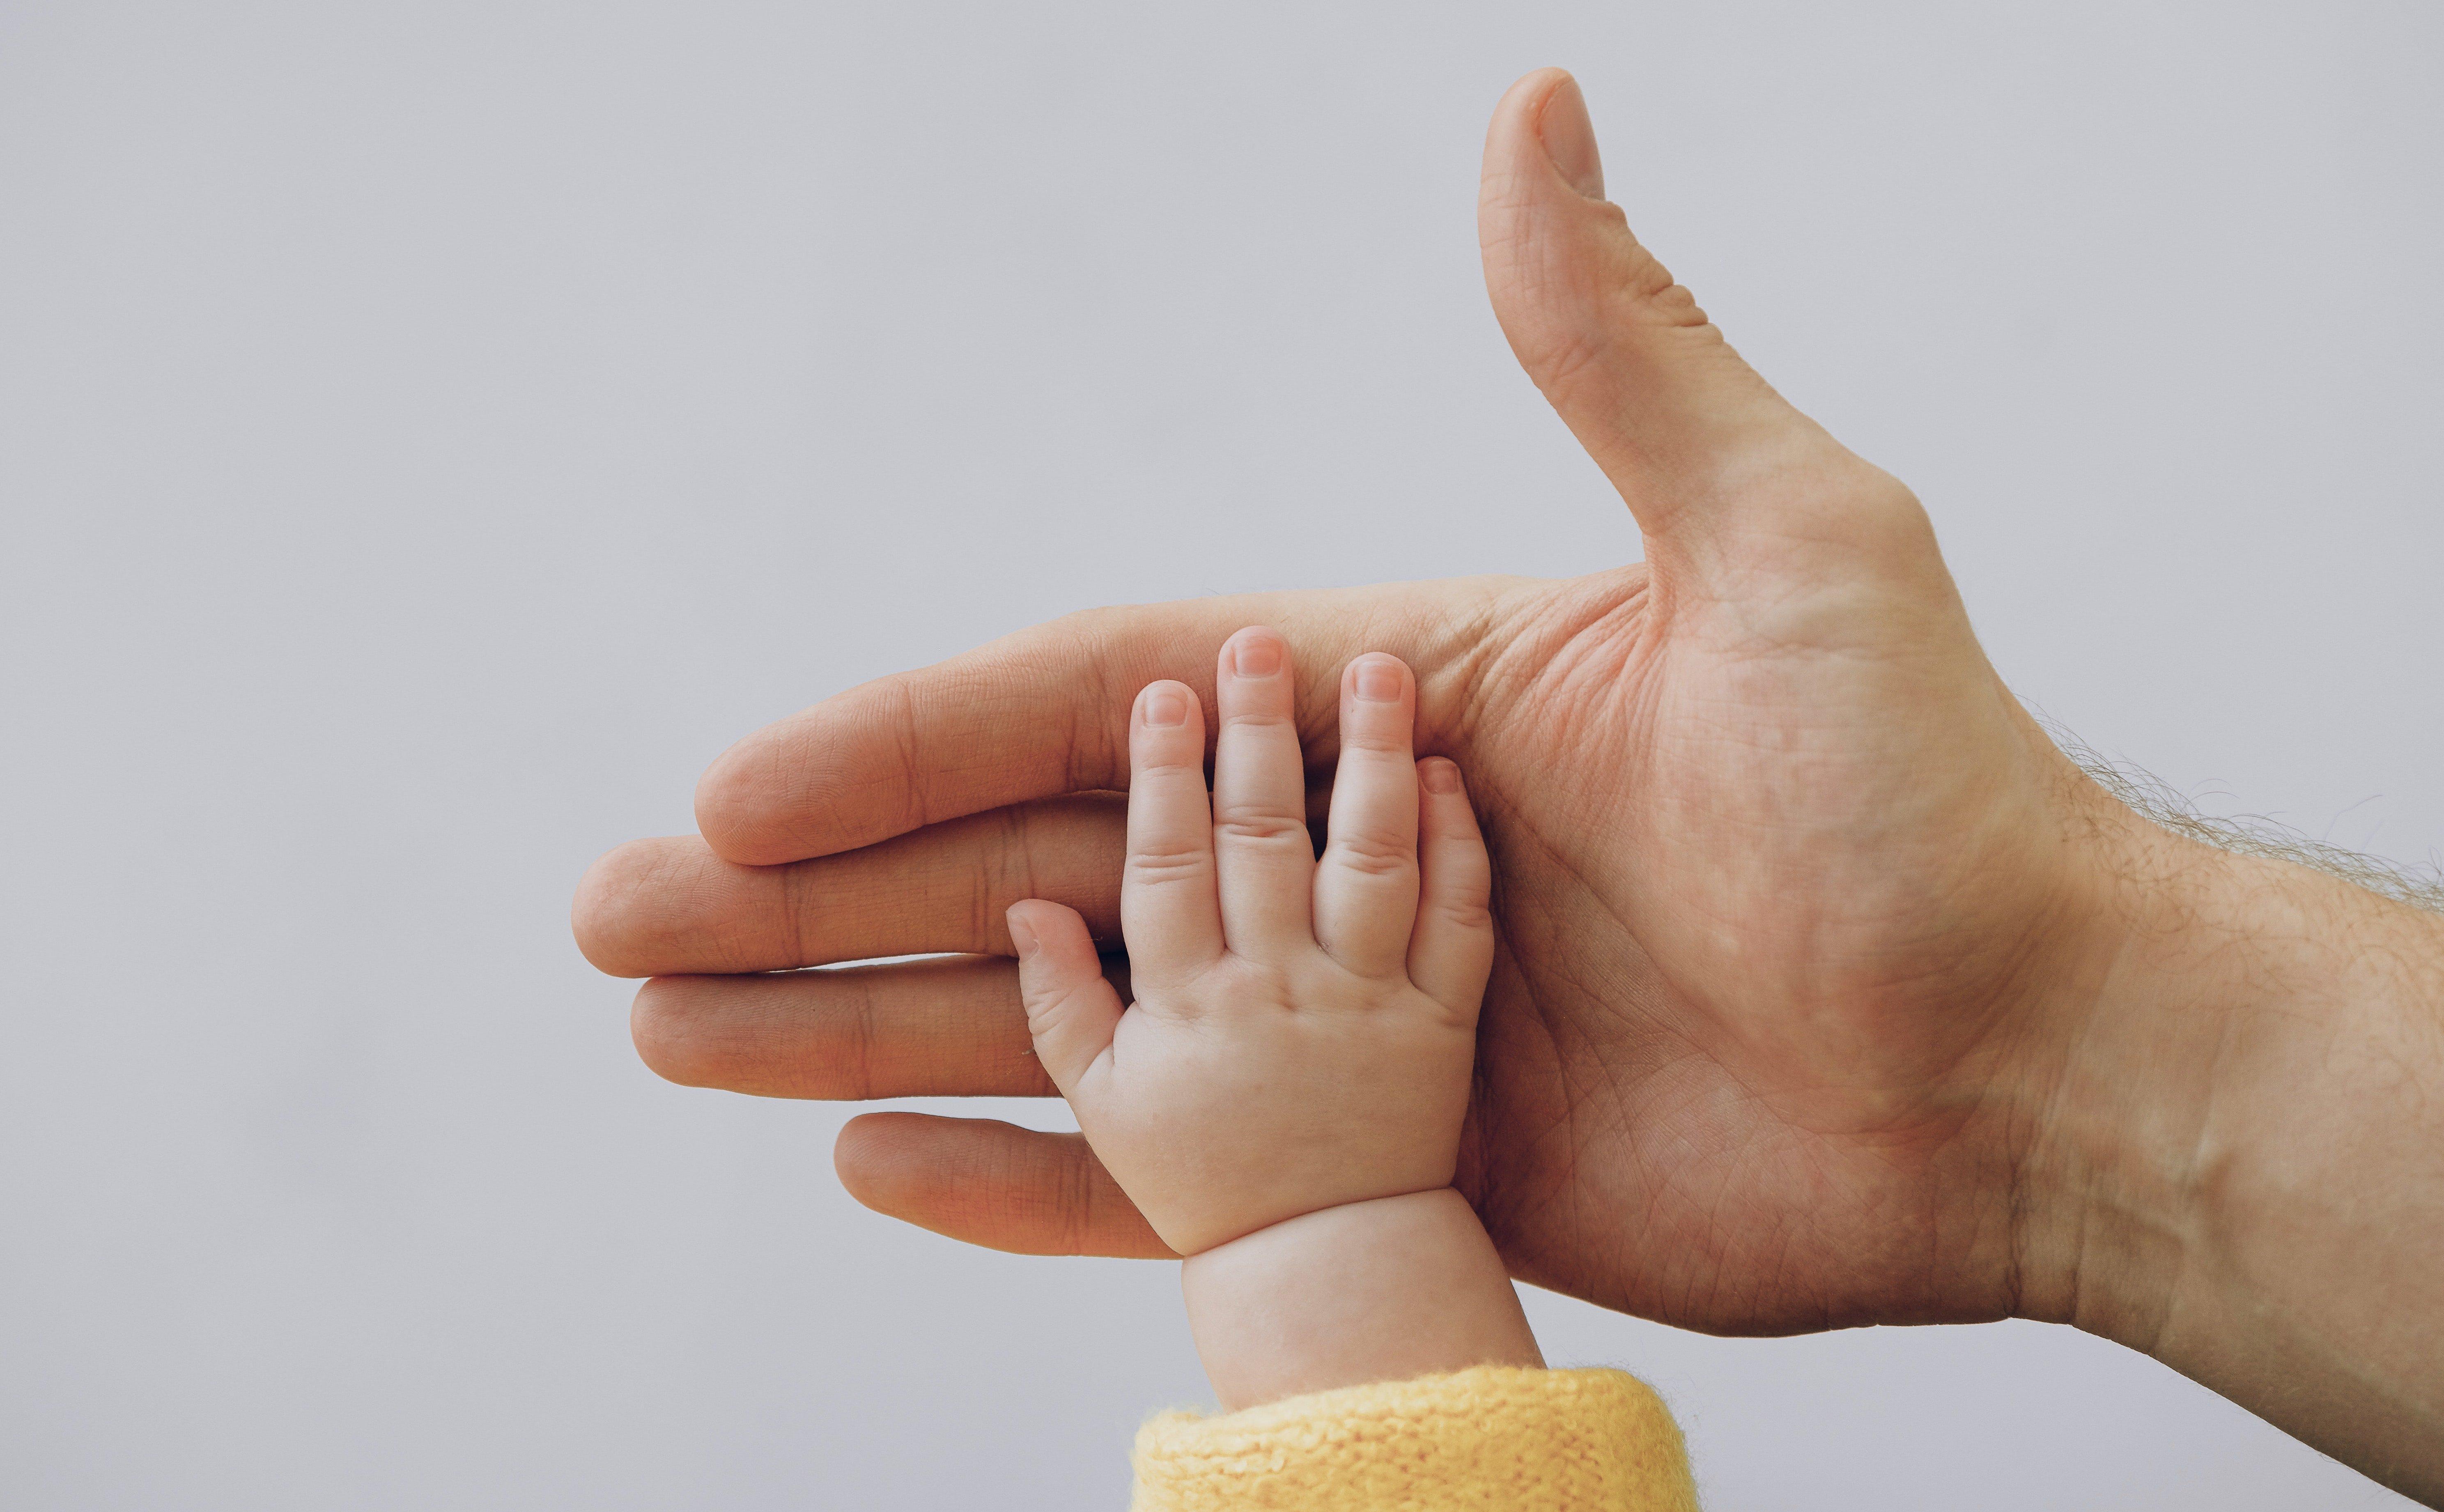 handen leeftijden